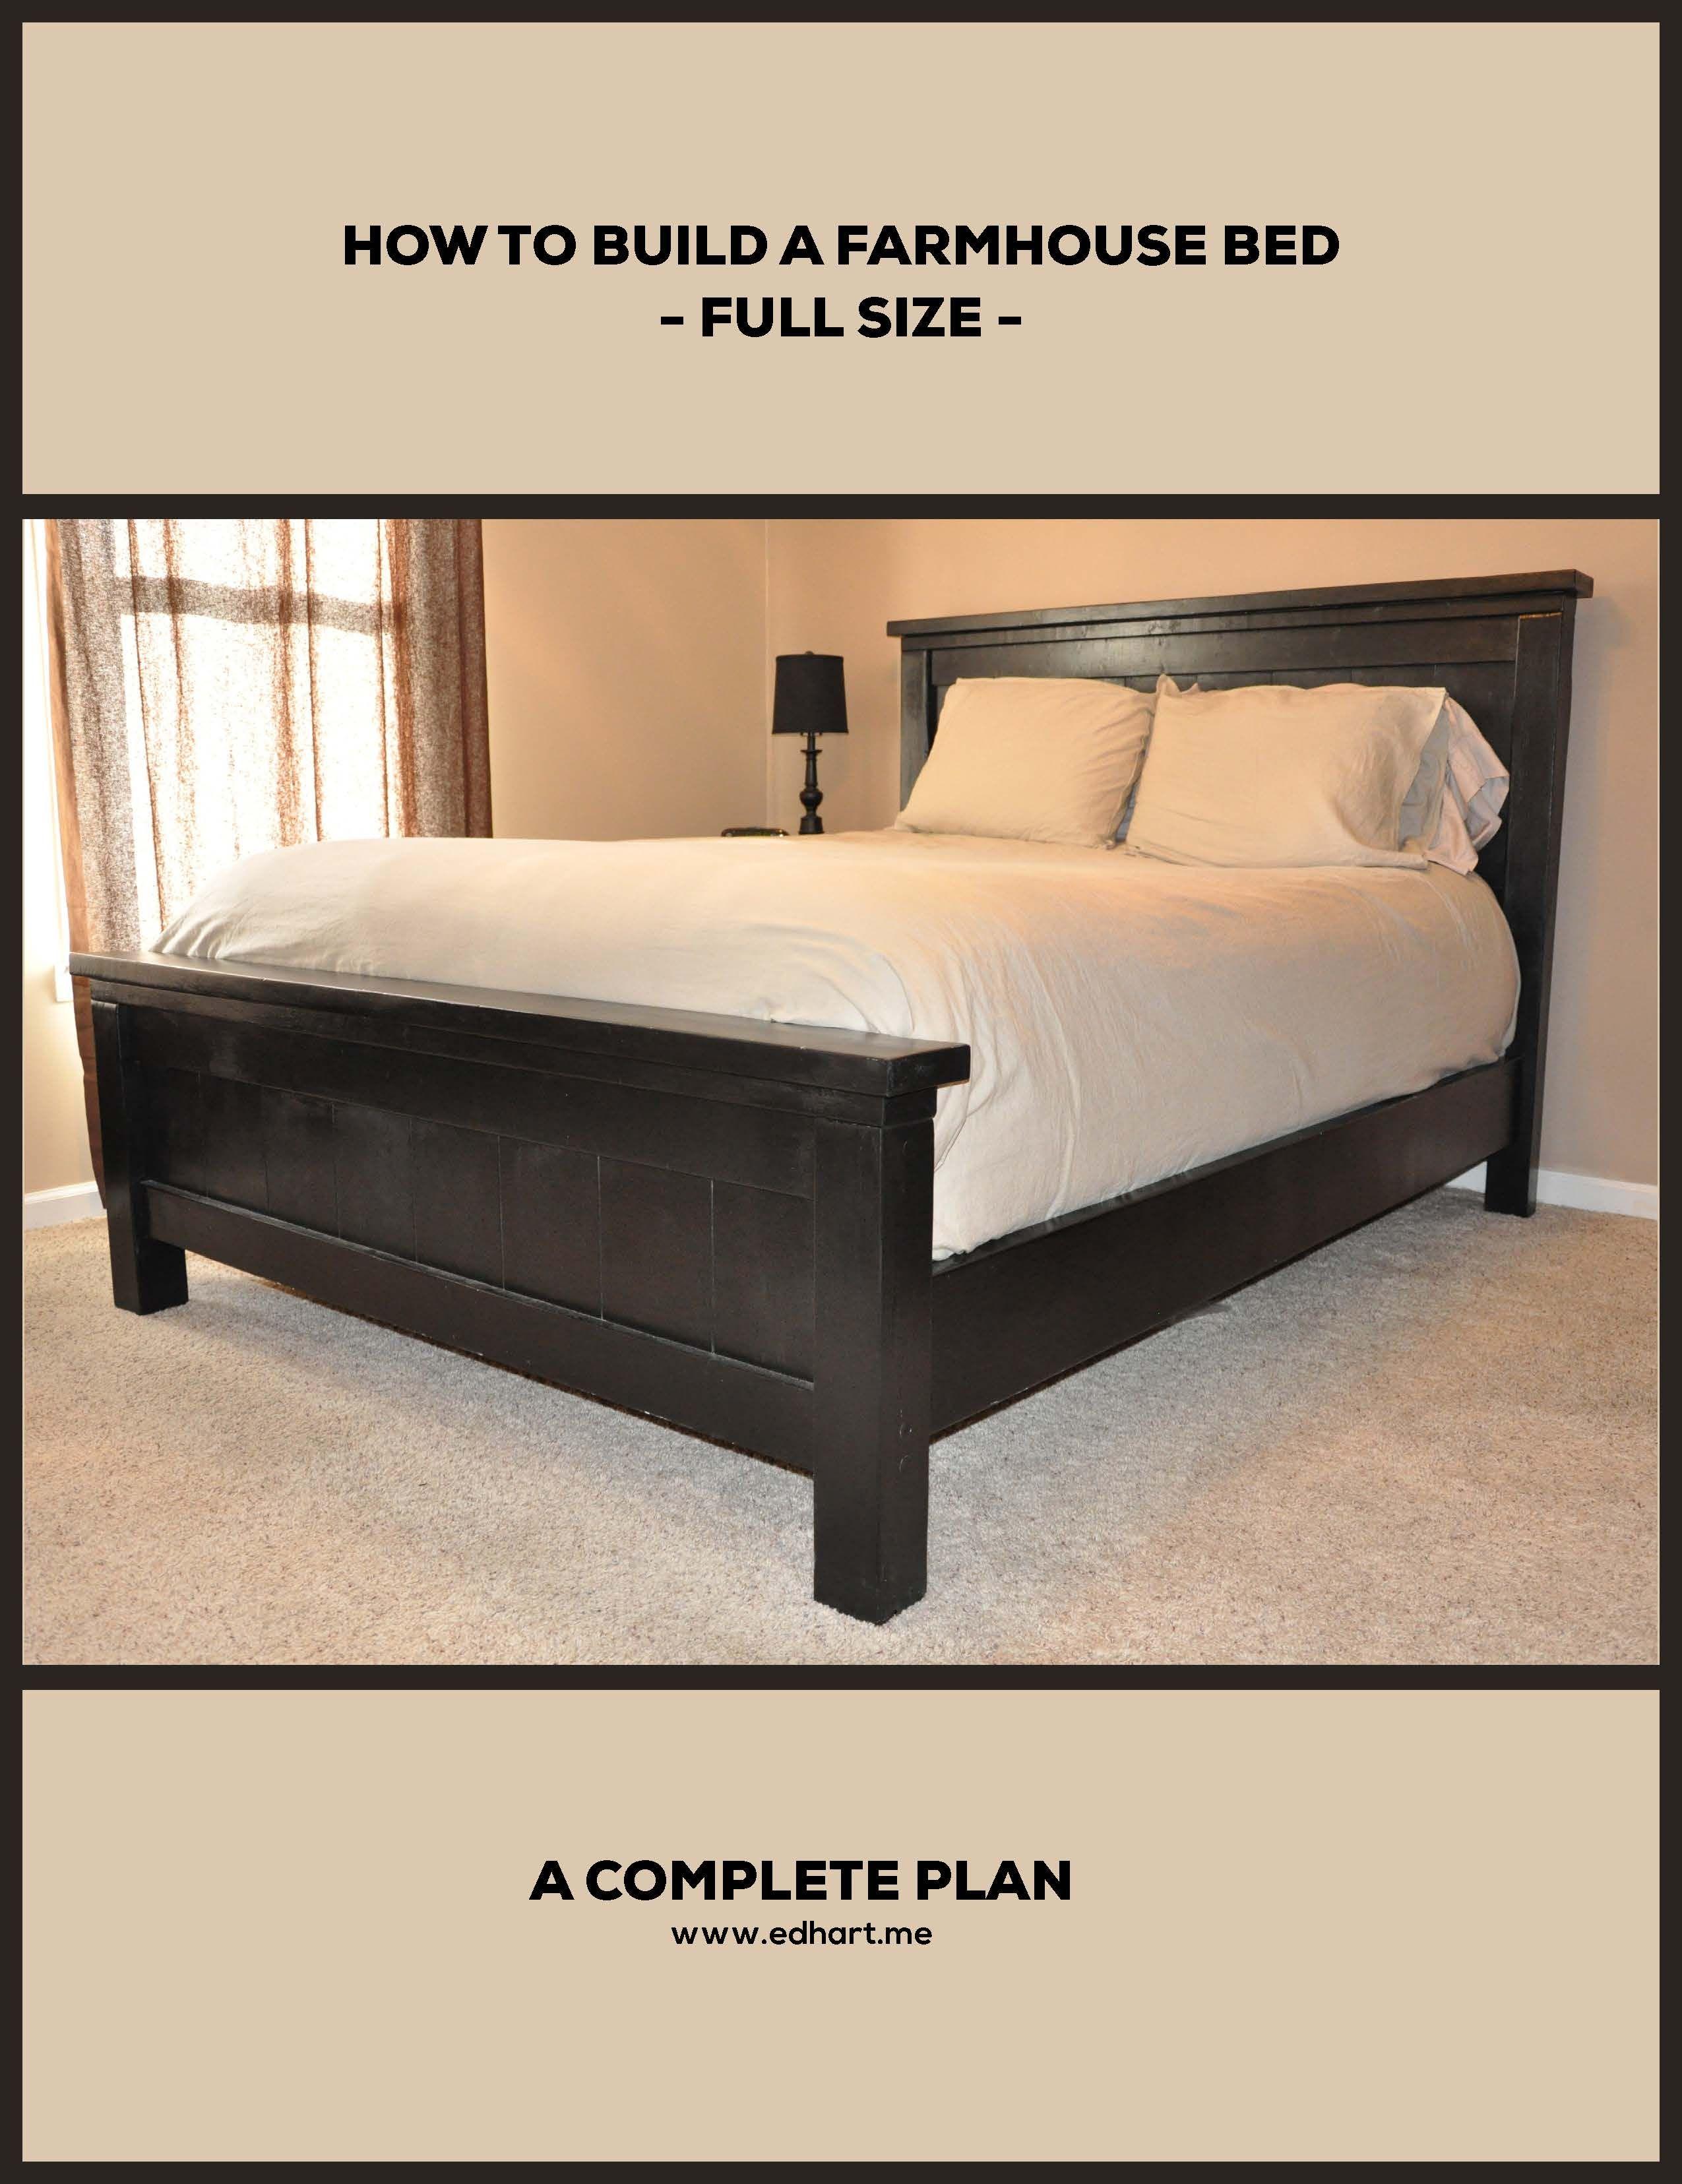 The 5 Rustic Farmhouse Bed Plan Farmhouse bedding, Diy